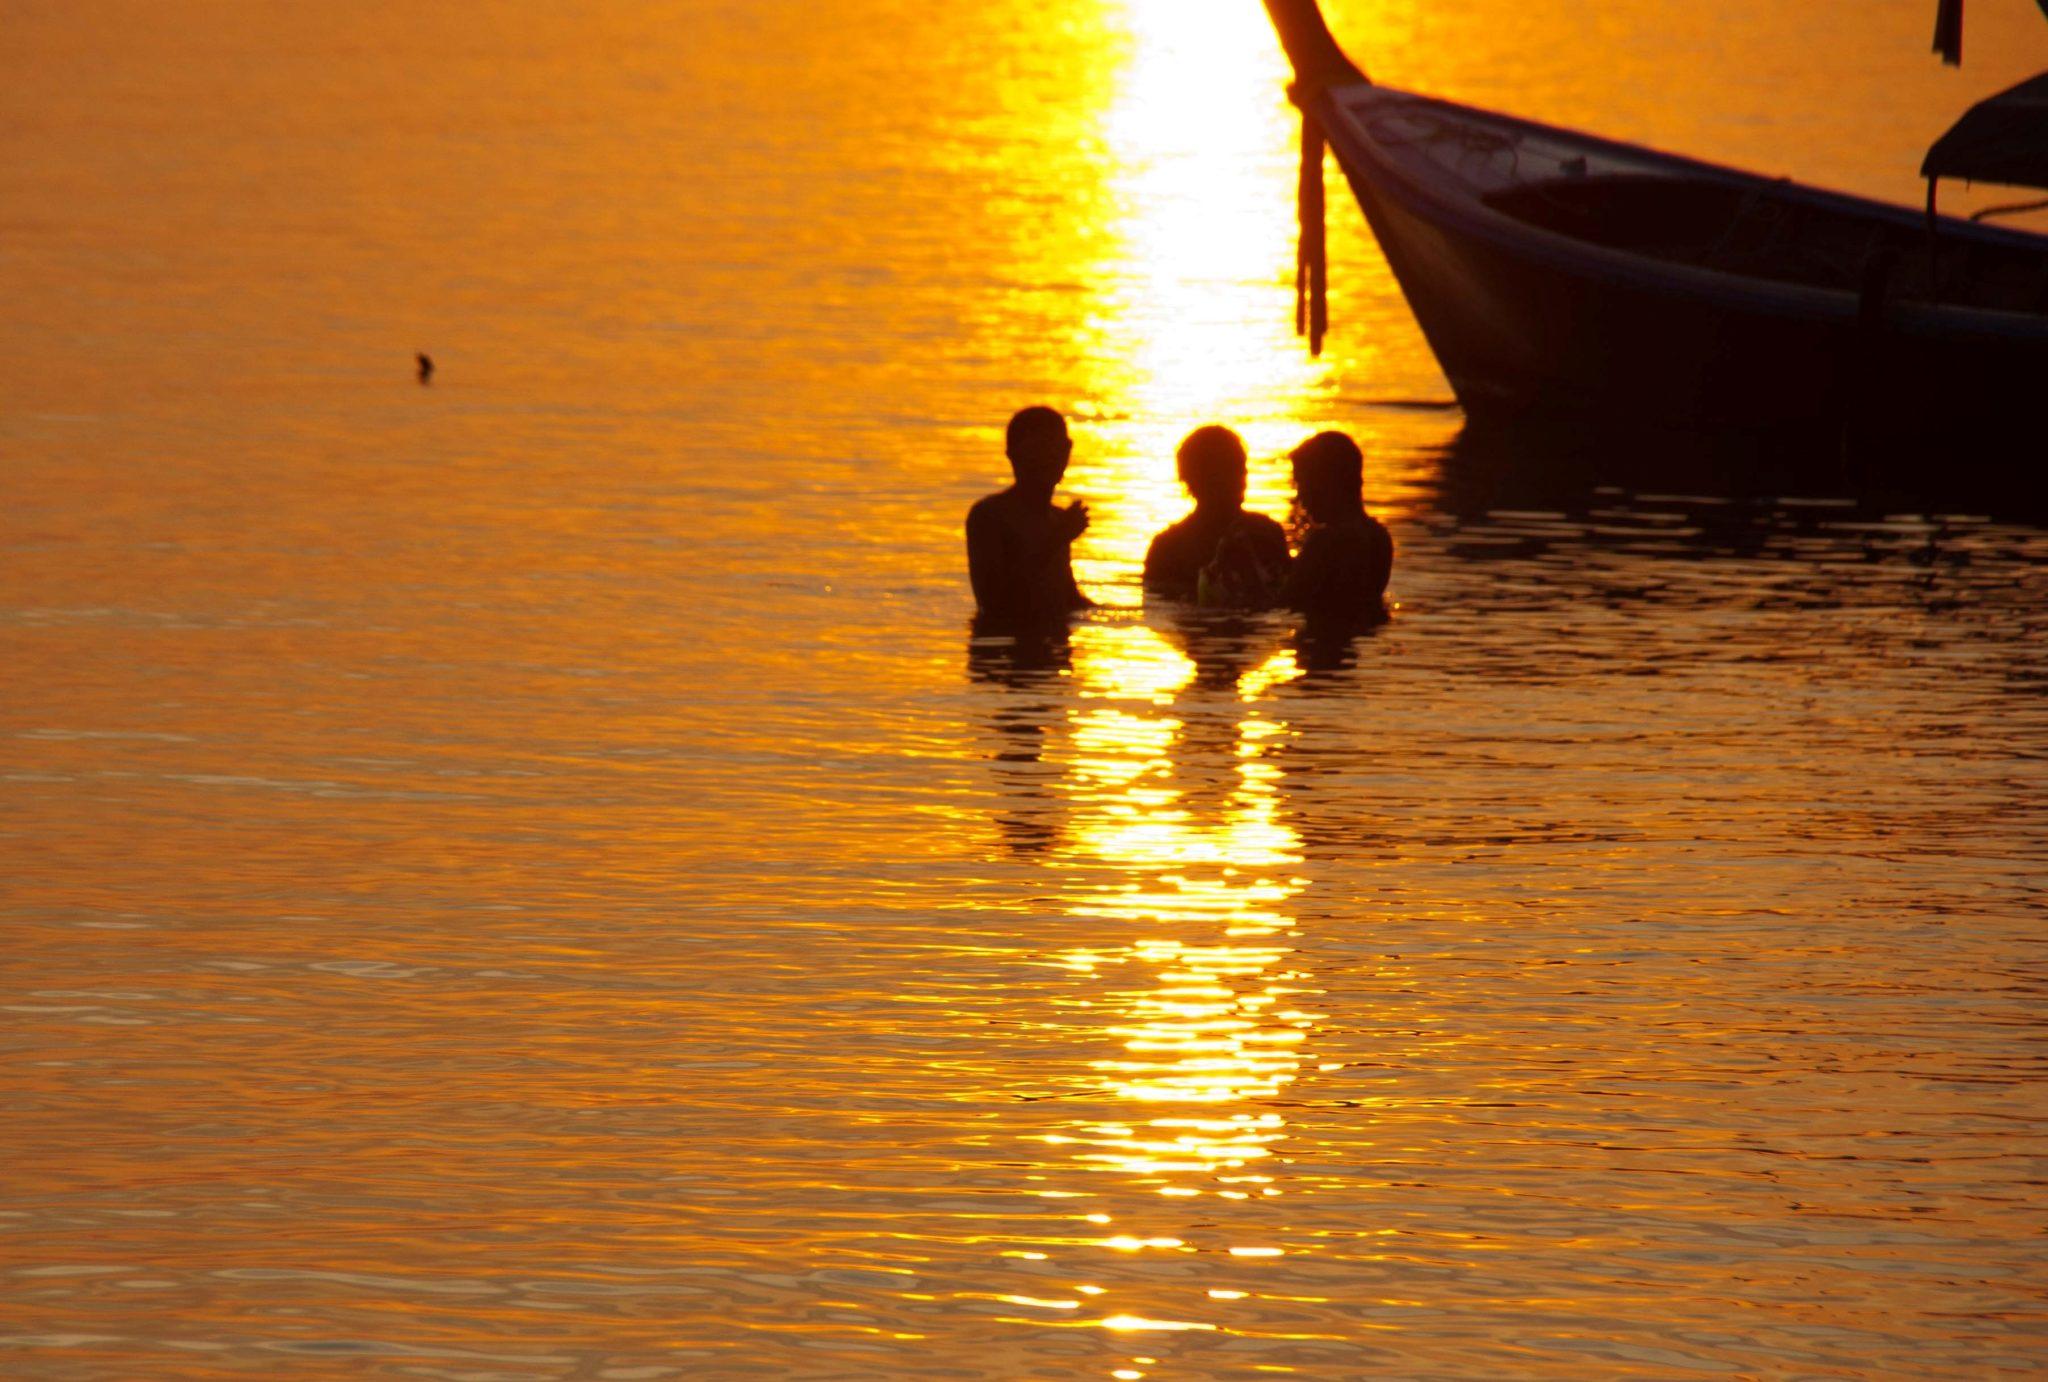 Comment et pourquoi demander un cong sabbatique pour voyager tour blog voyage - Pourquoi un coup de soleil gratte ...